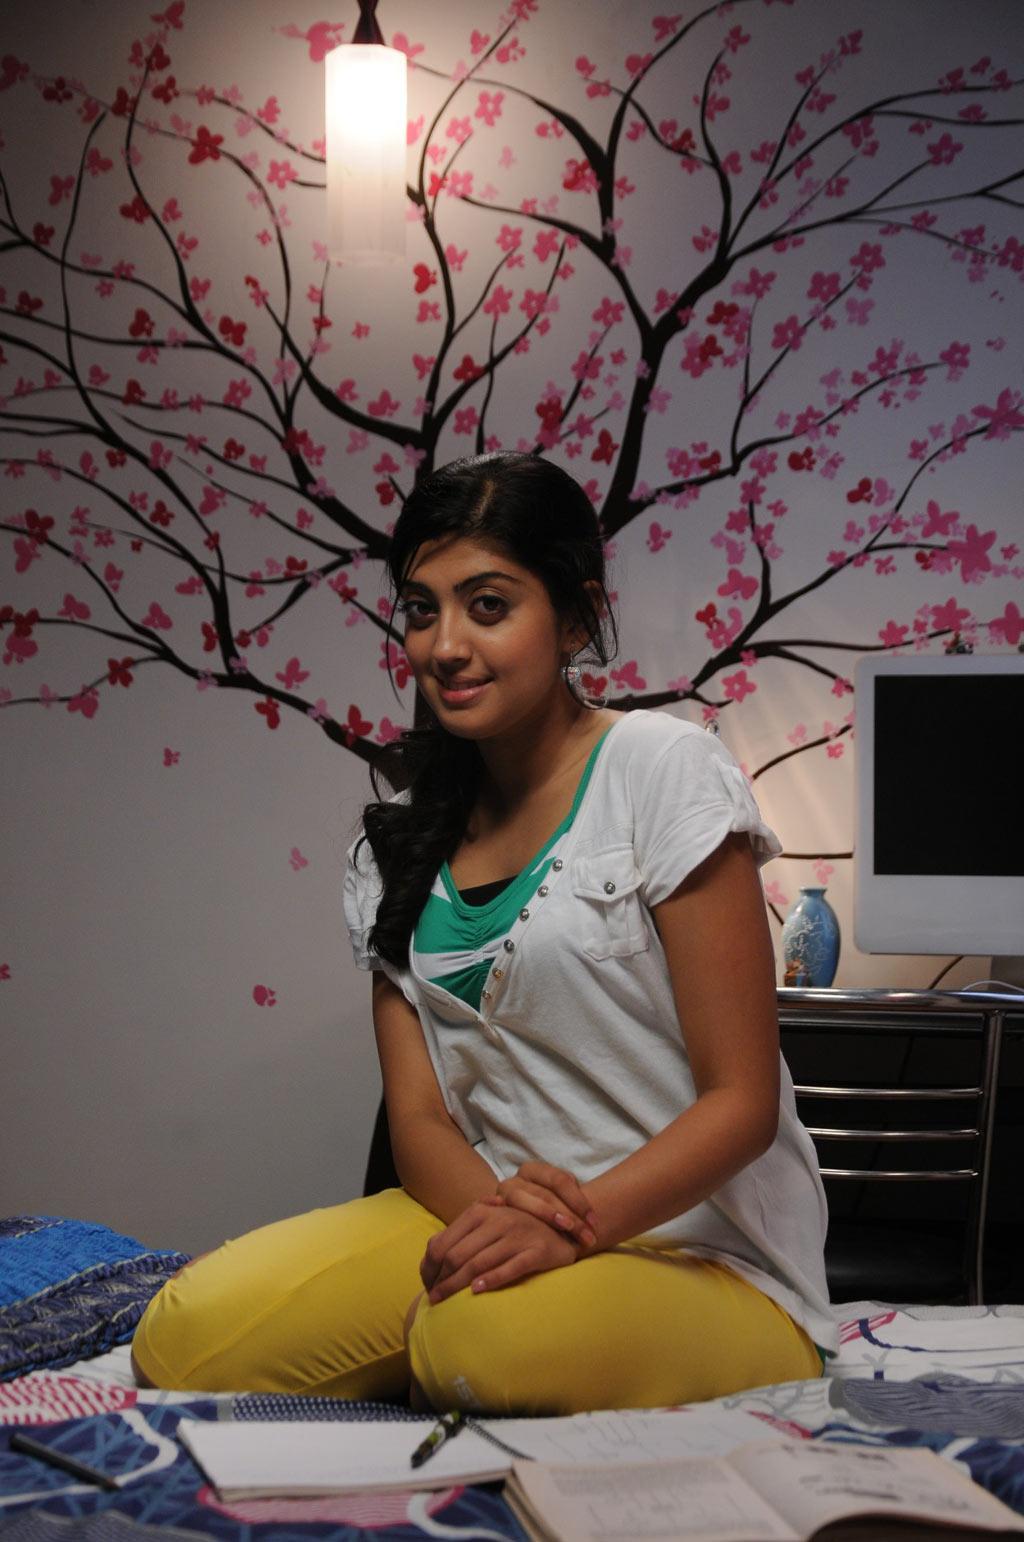 ப்ரனிதா சகுனி கேலரி [ Pranitha in Saguni Movie Gallery ] Pranit18